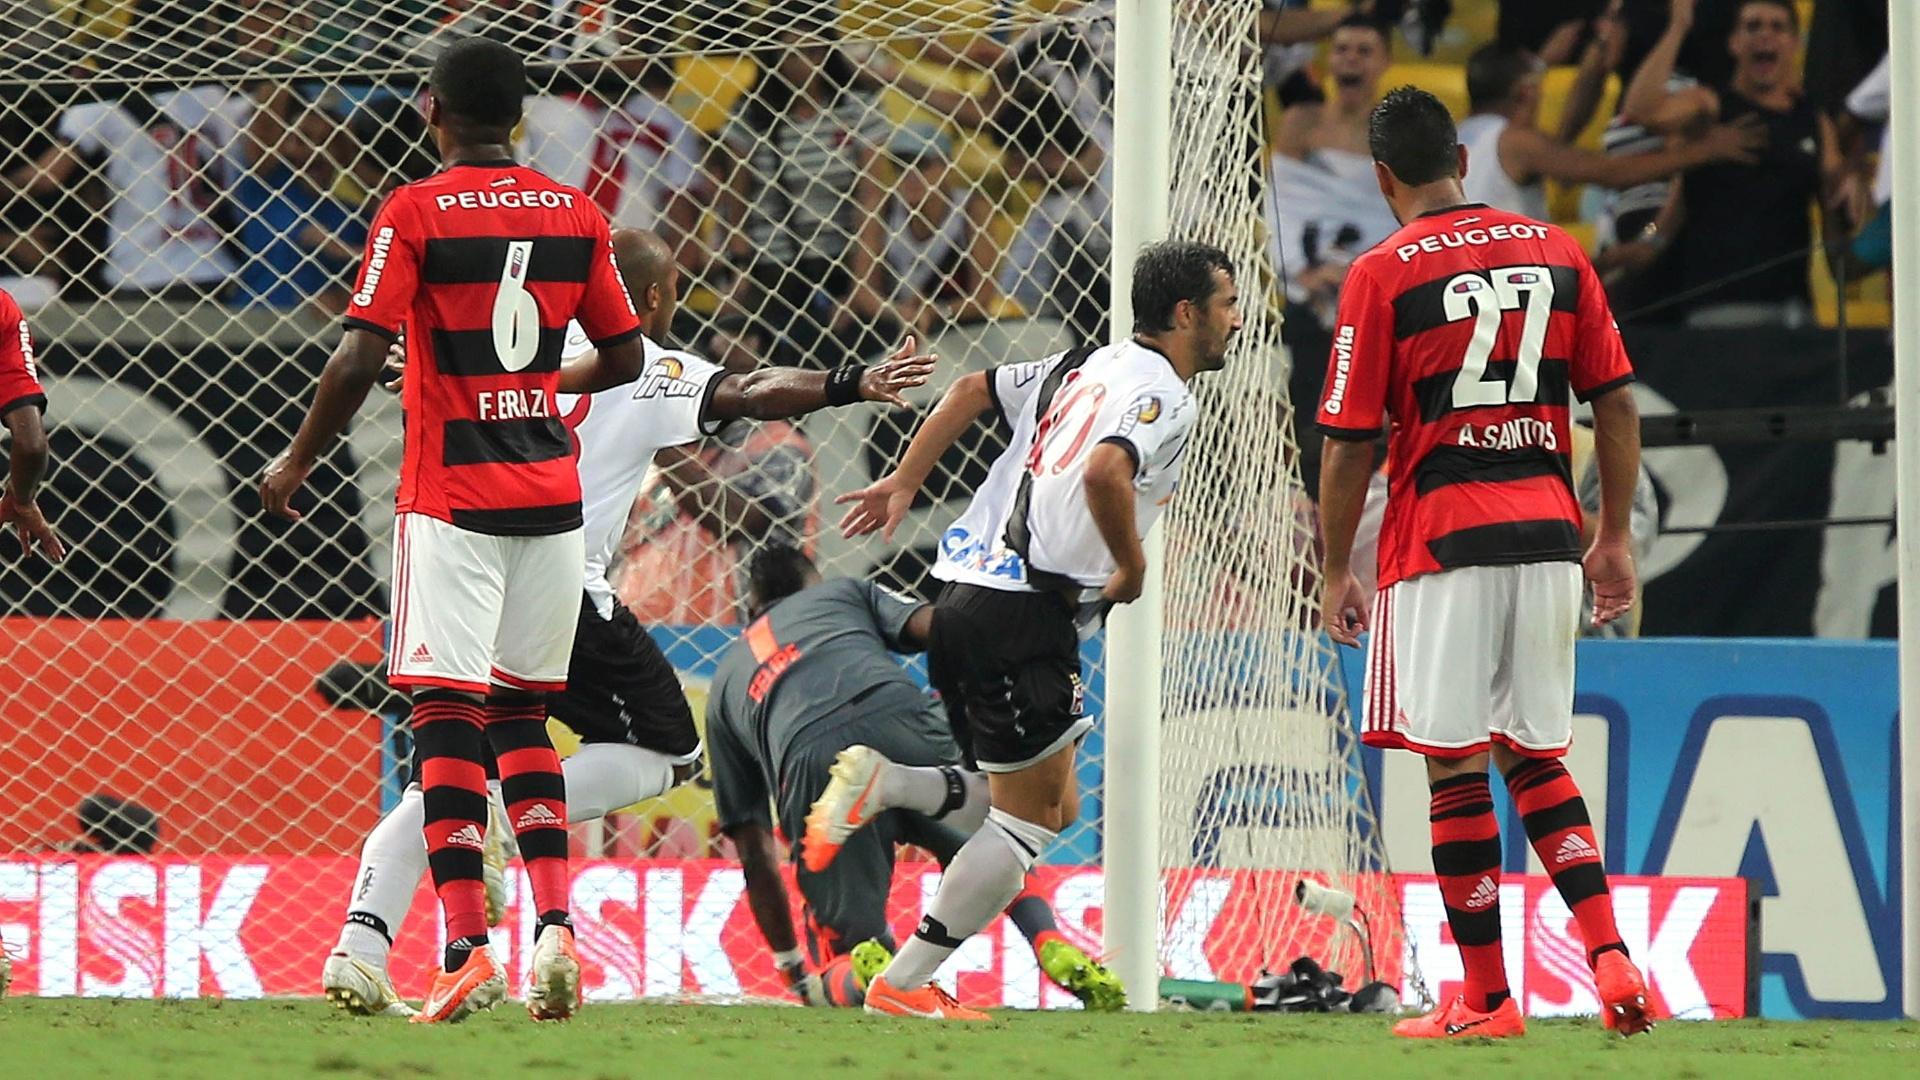 Douglas converte penalidade e abre o placar para o Vasco na final do Carioca